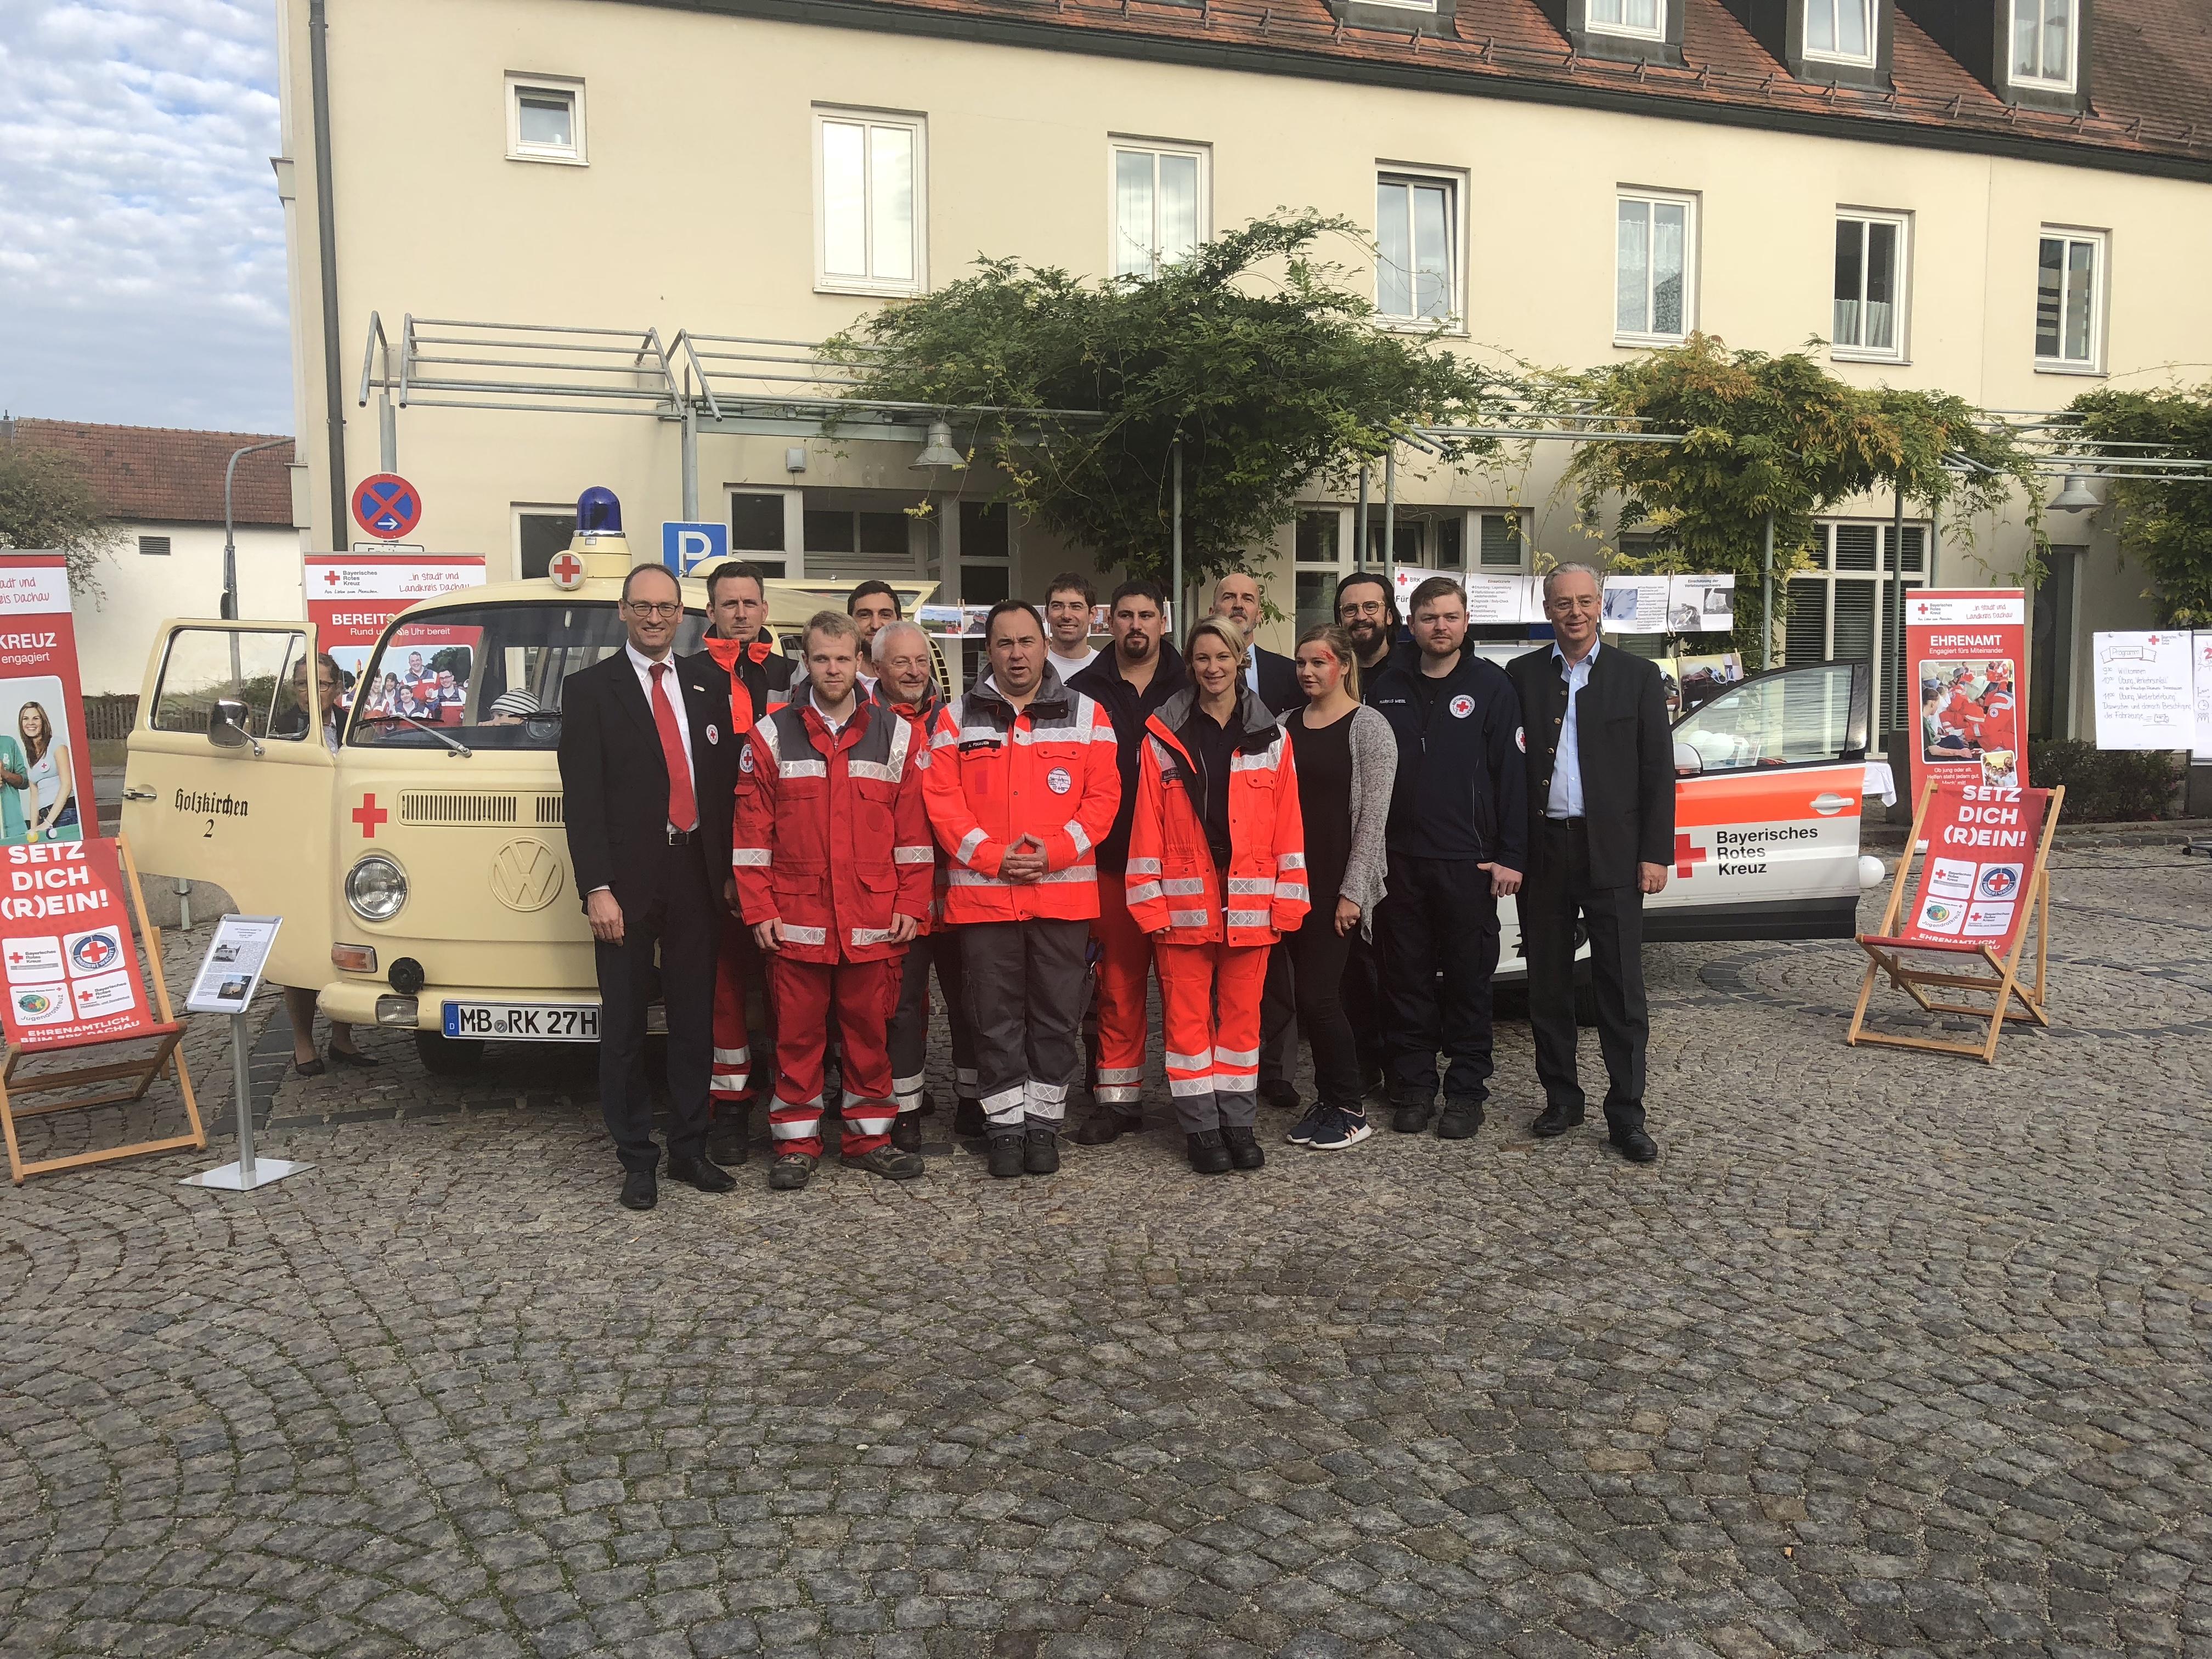 Das HvO-Team mit dem BRK-Kreisvorsitzenden Bernhard Seidenath (links) und Bürgermeister Marcel Fath (rechts) auf dem Marktplatz